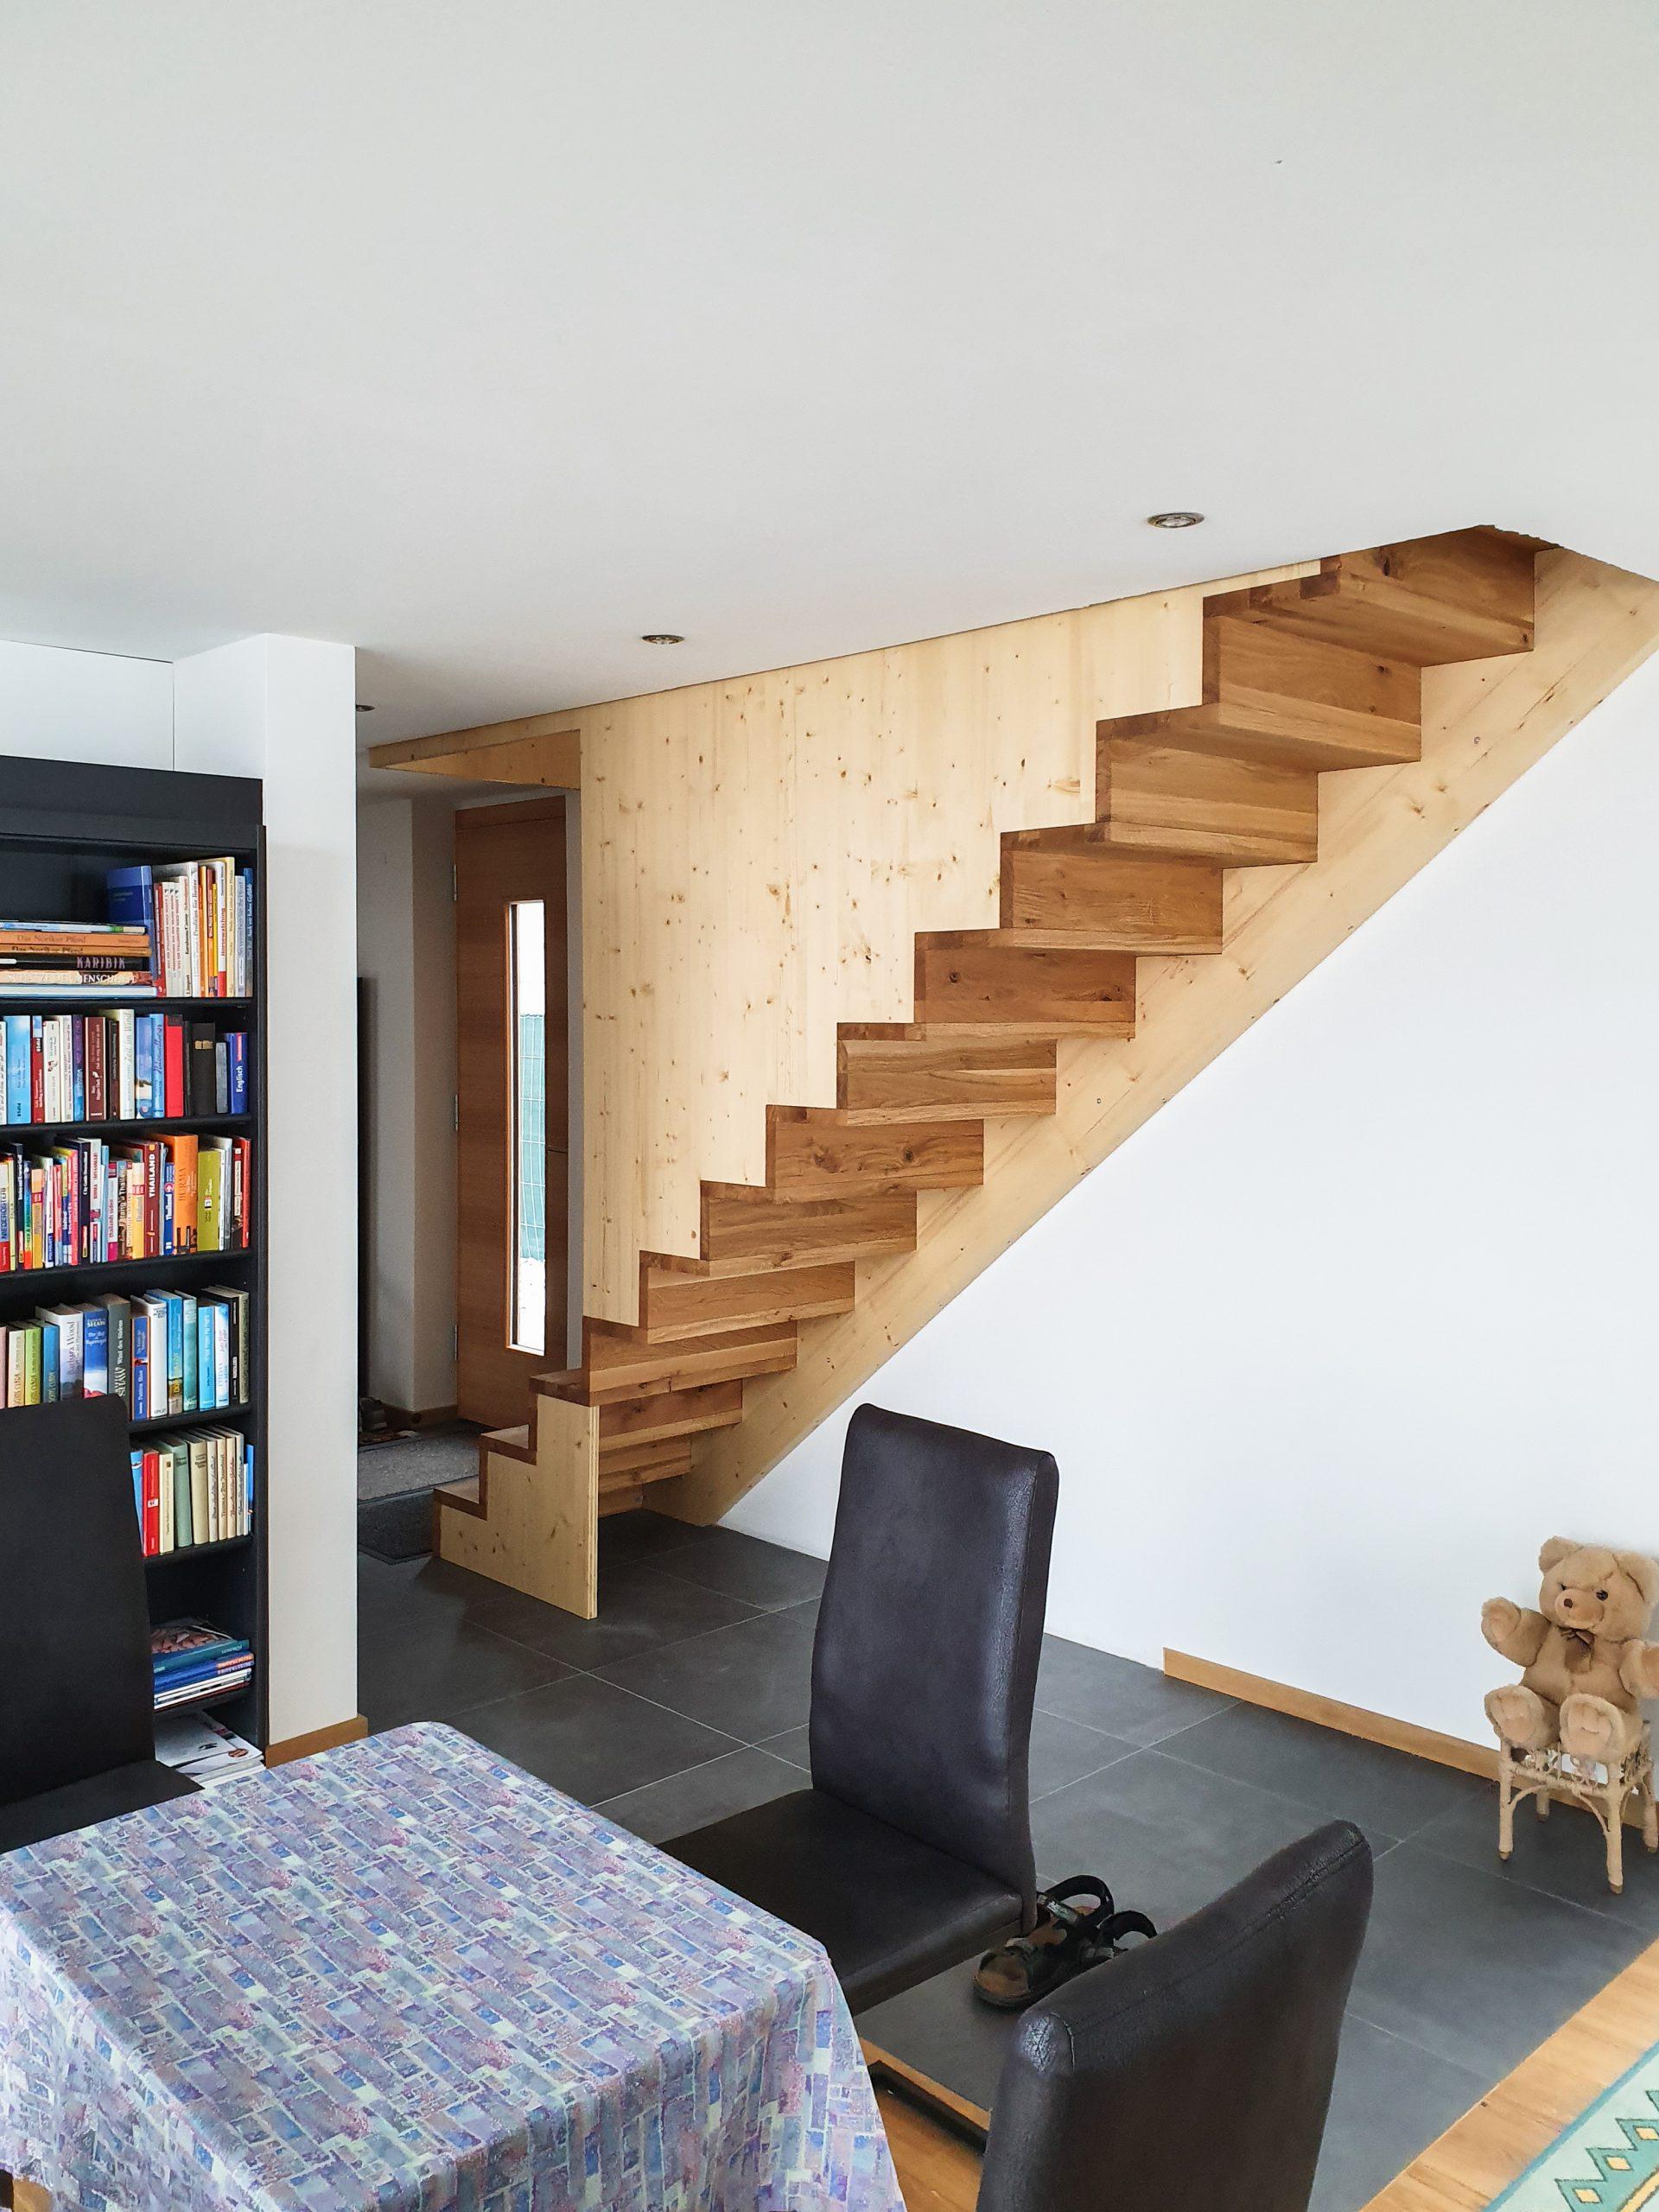 Architektur auf dem Land_Treppe_02